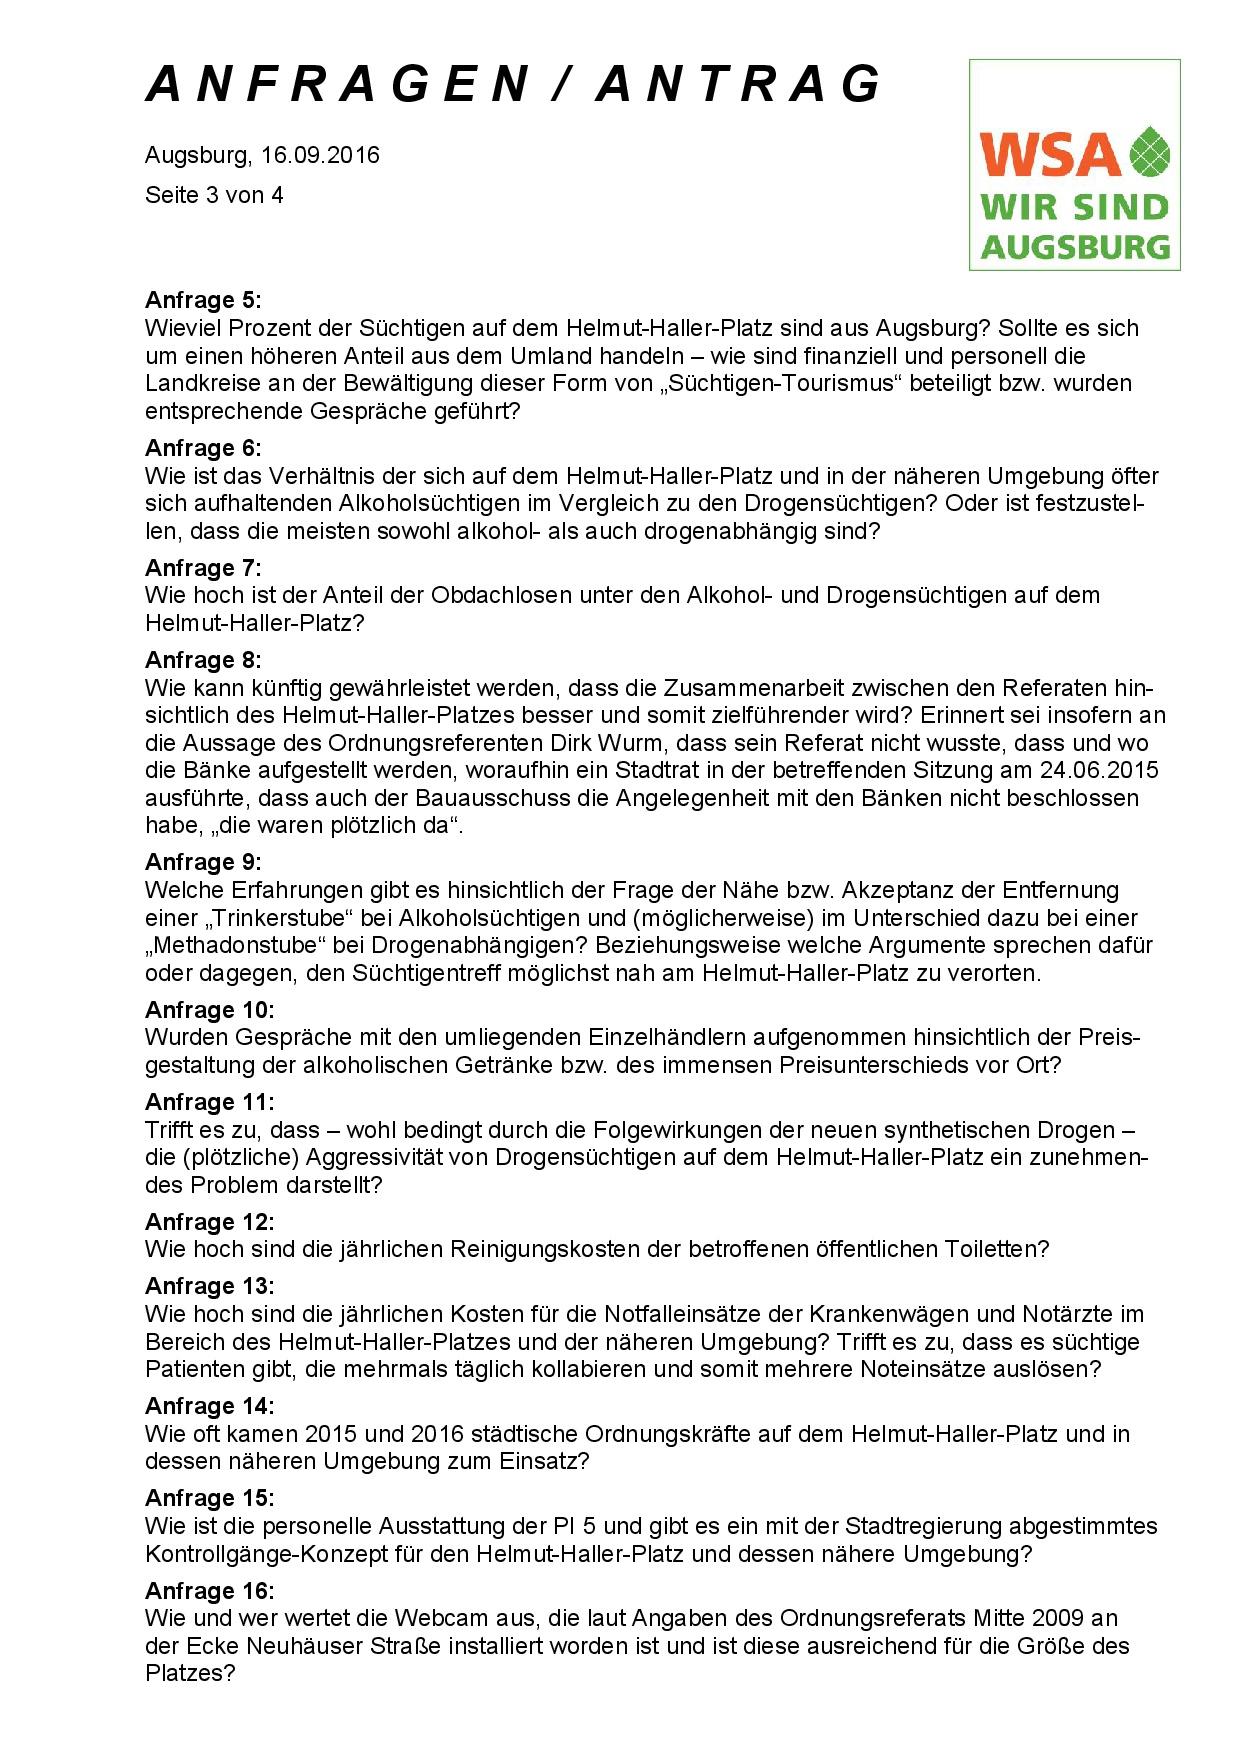 WSA-Antrag und -Anfragen vom 16.09.2016 zum Helmut-Haller-Platz, Seite 3